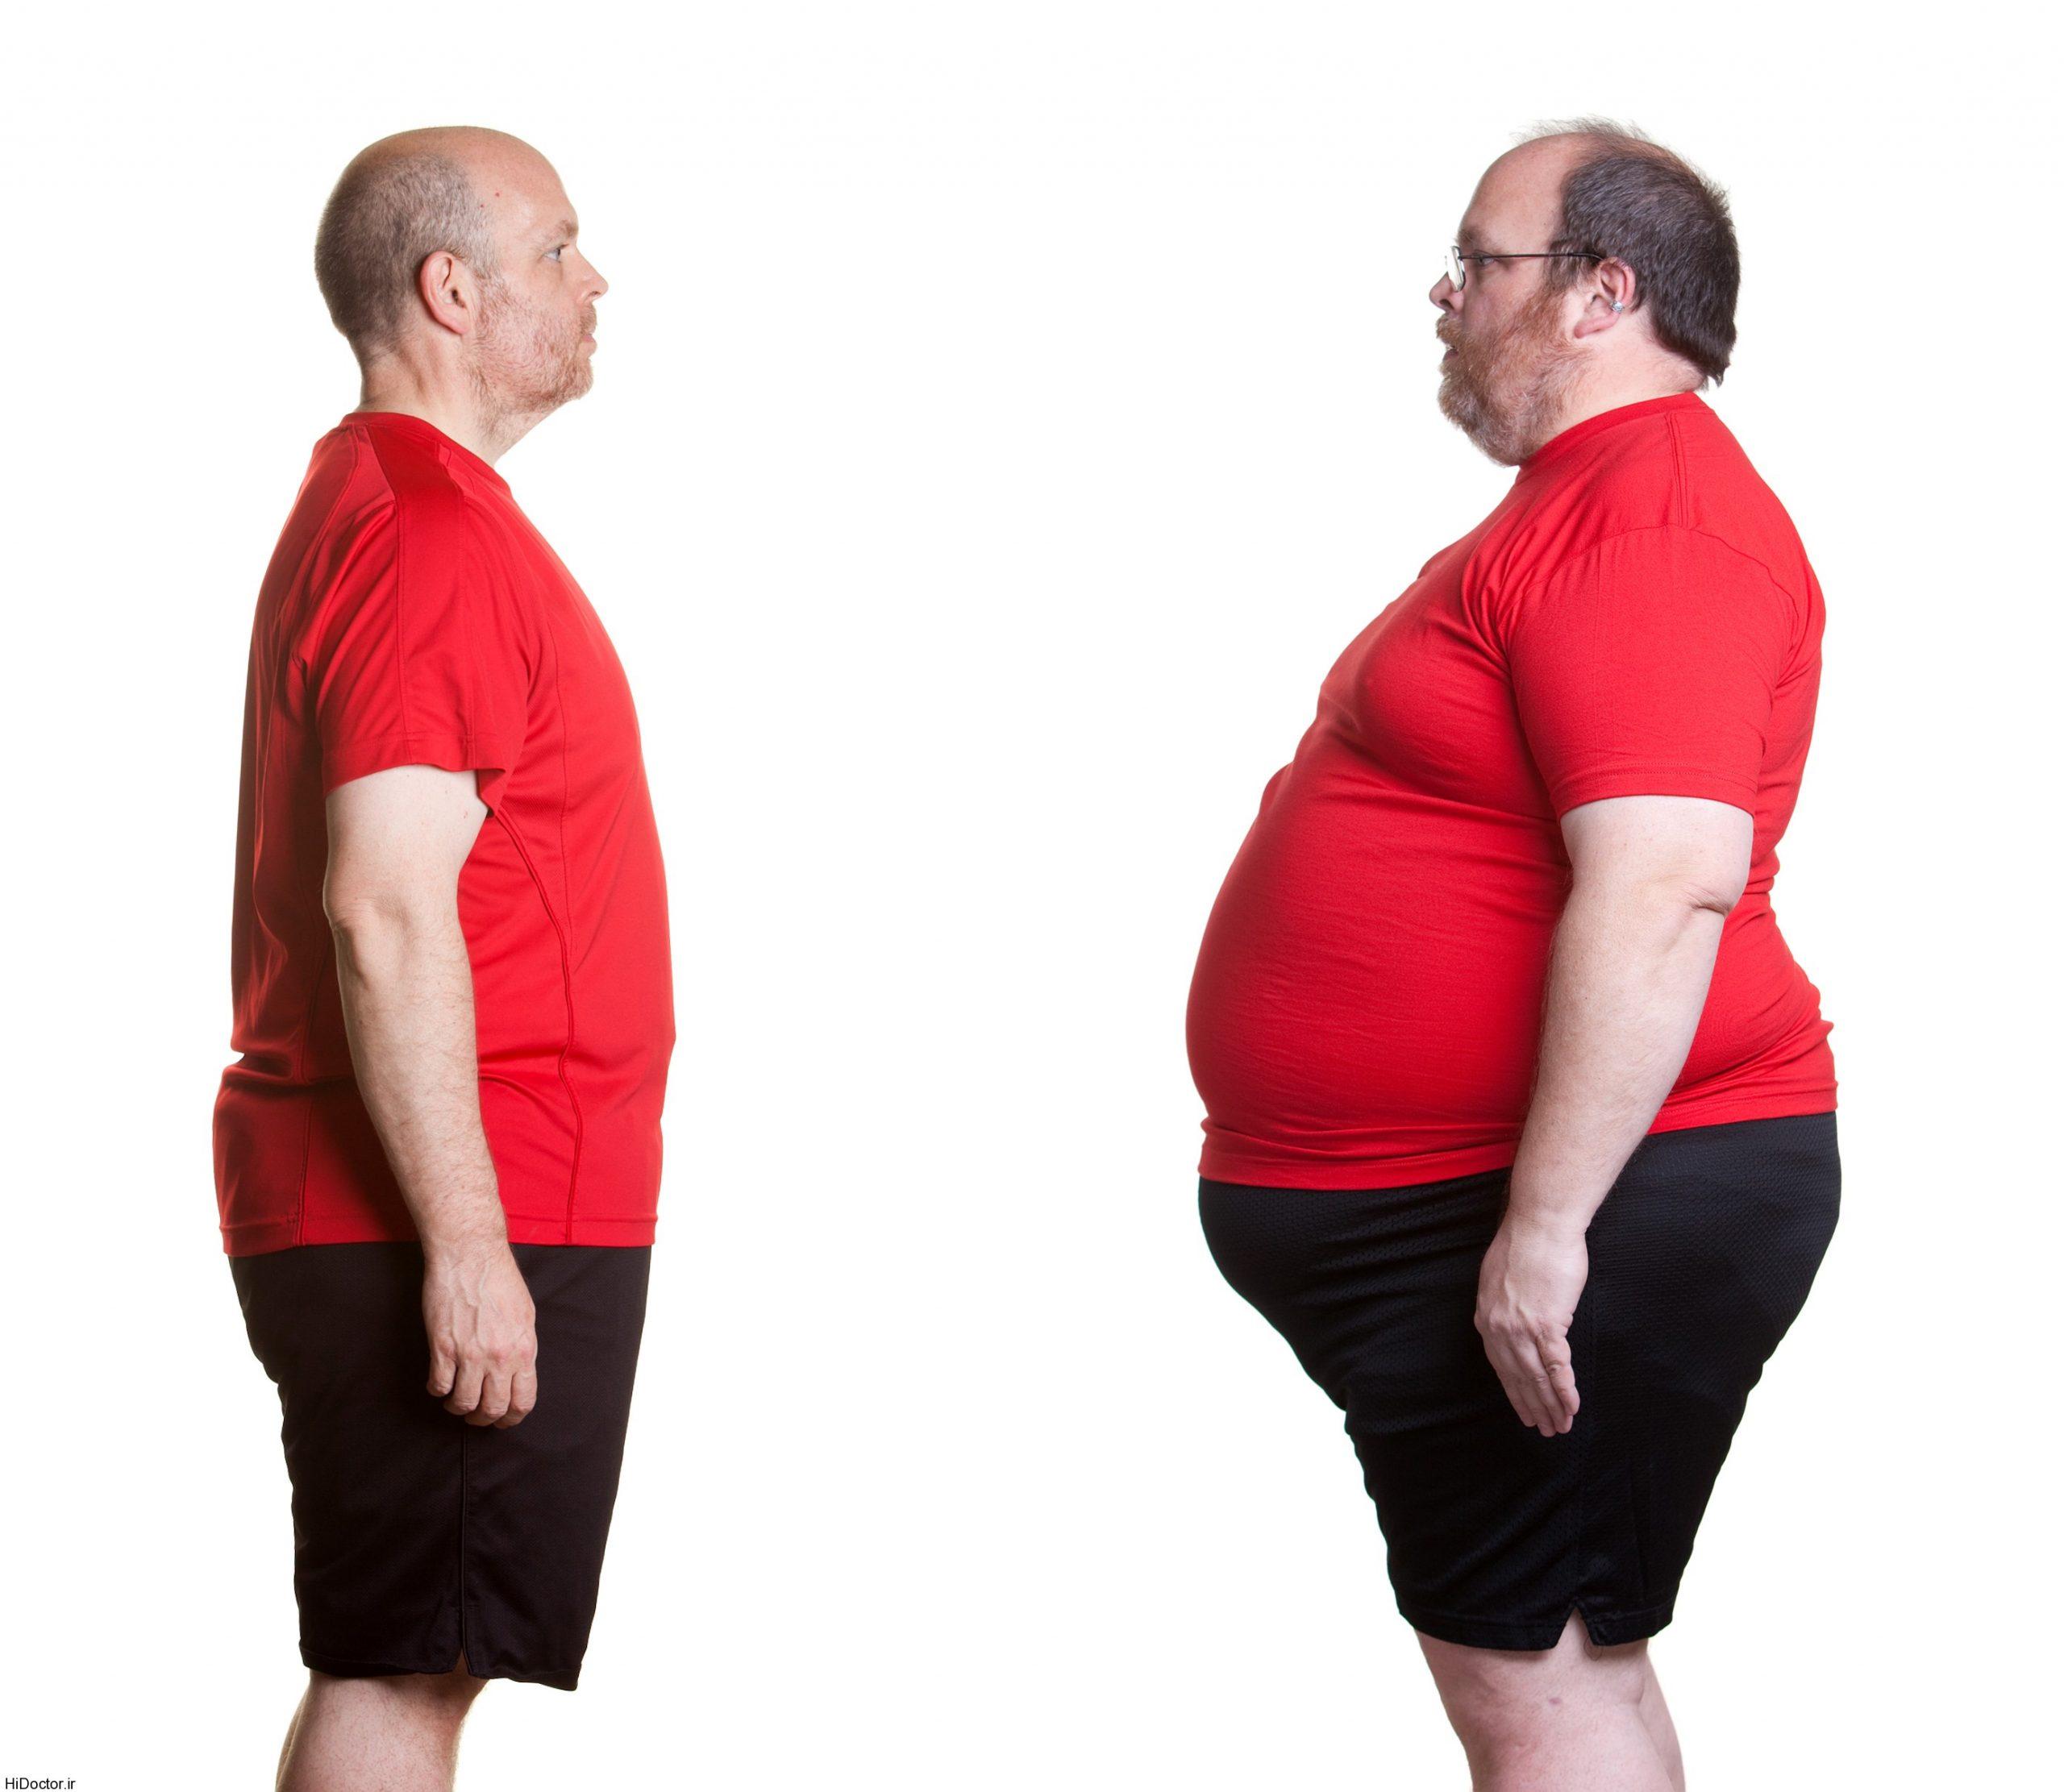 تجربه ی شخصی رژیم لاغری به افراد خیلی کمک می کند